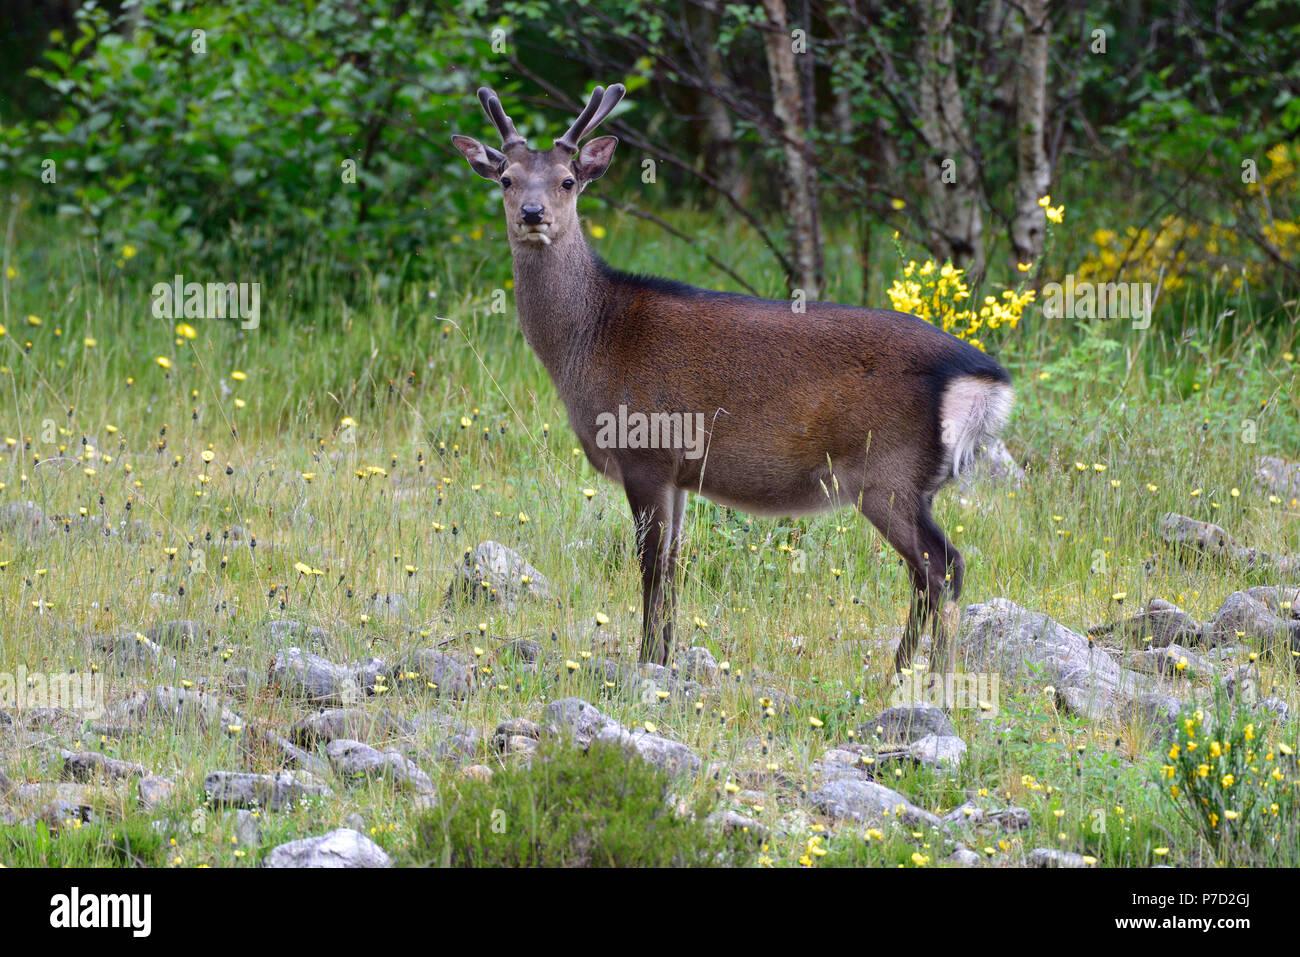 Young red deer (Cervus elaphus) in bast, Scottish Highlands, Great Britain - Stock Image